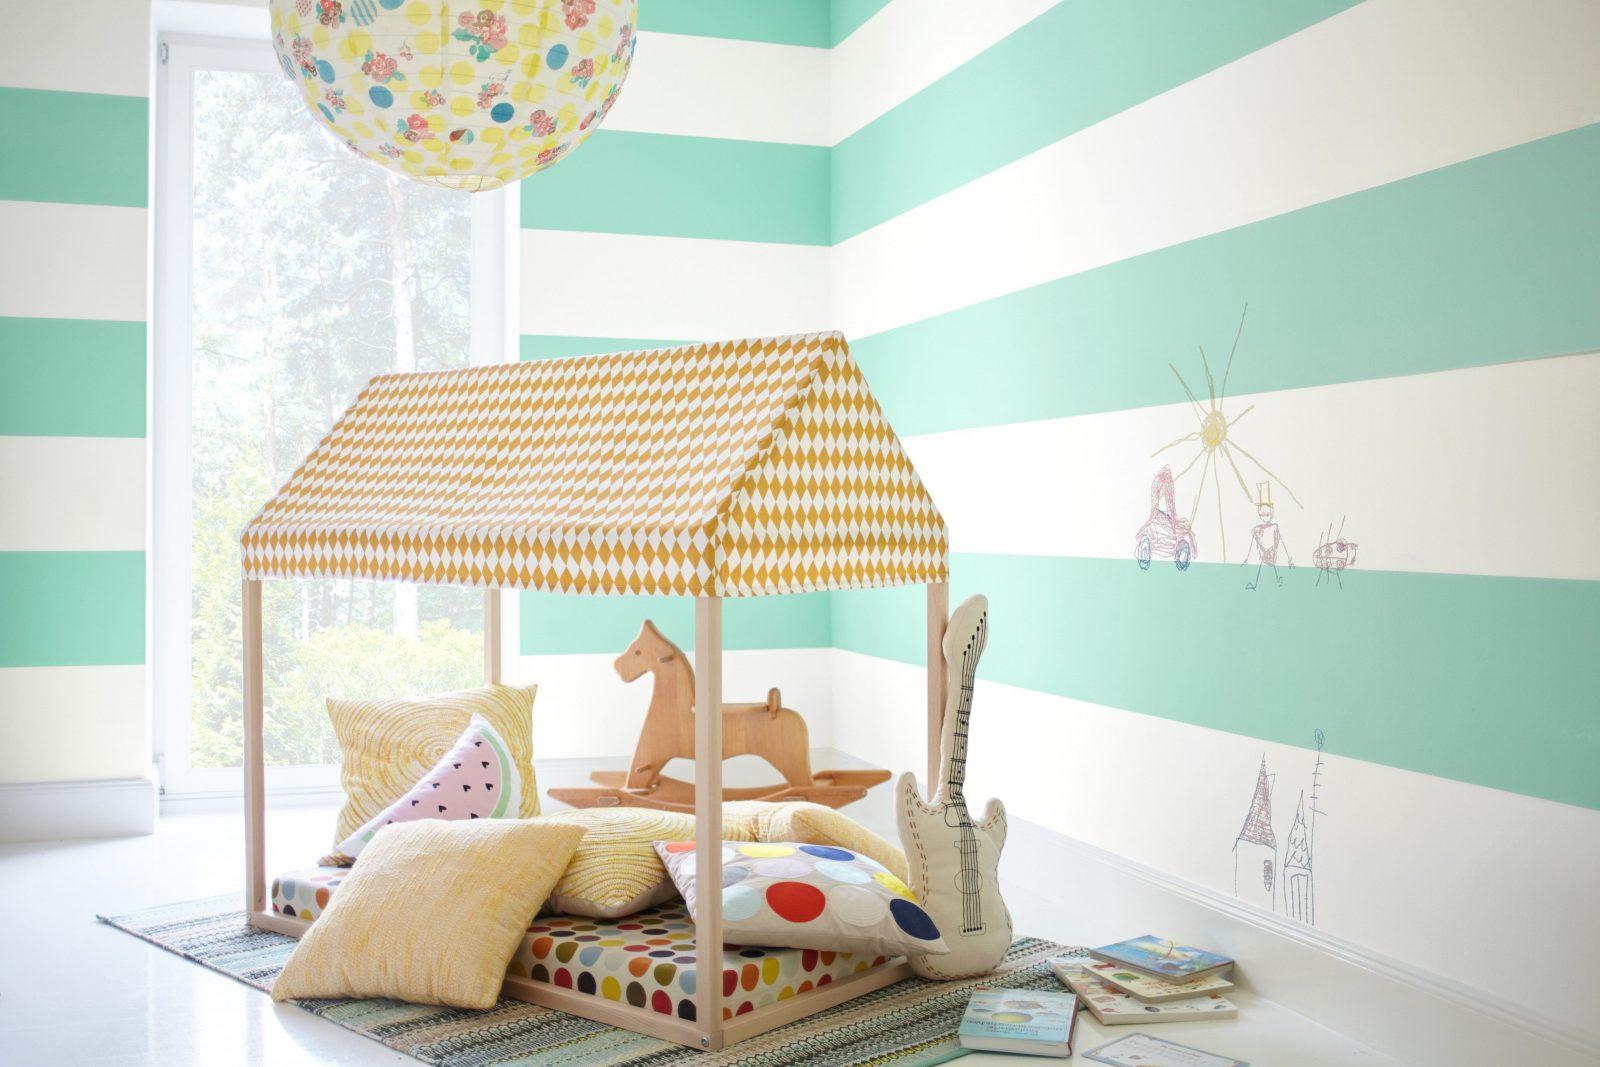 Moderne Dekoration Kinderzimmer Gestalten Avec Wand von Wandgestaltung Kinderzimmer Mit Farbe Photo